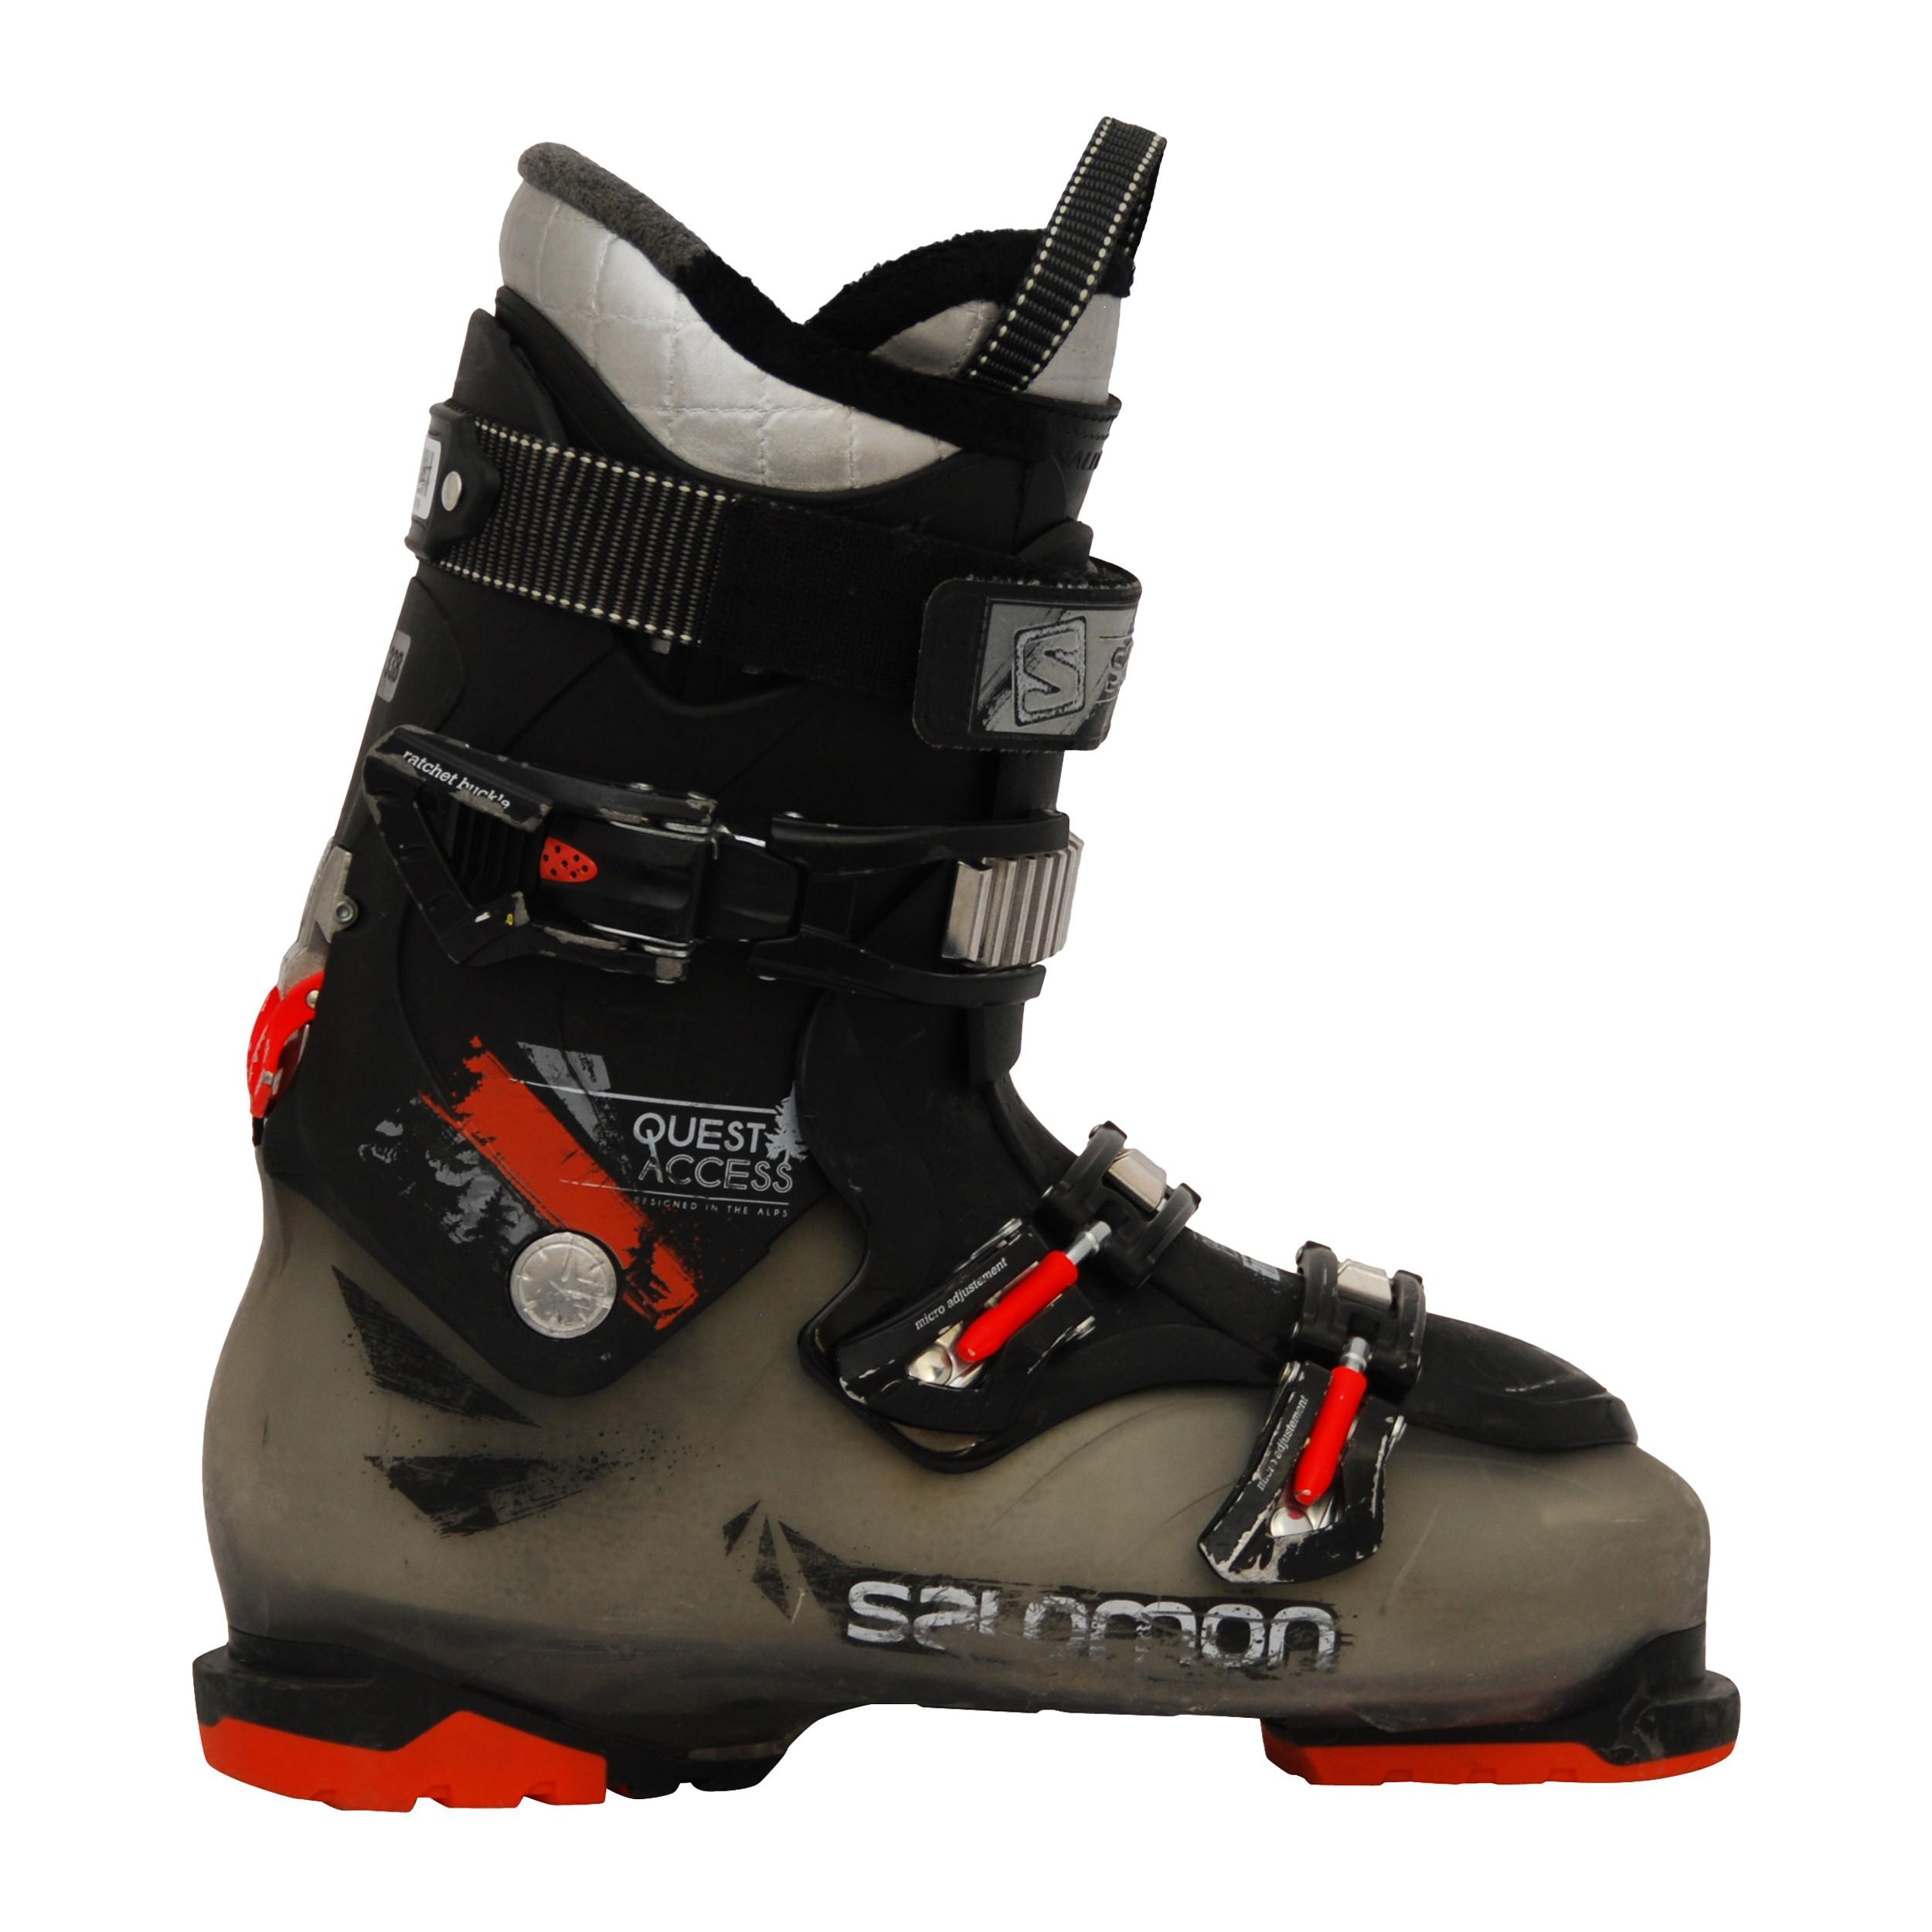 Chaussures de ski occasion Salomon Quest access 880 translucideorange